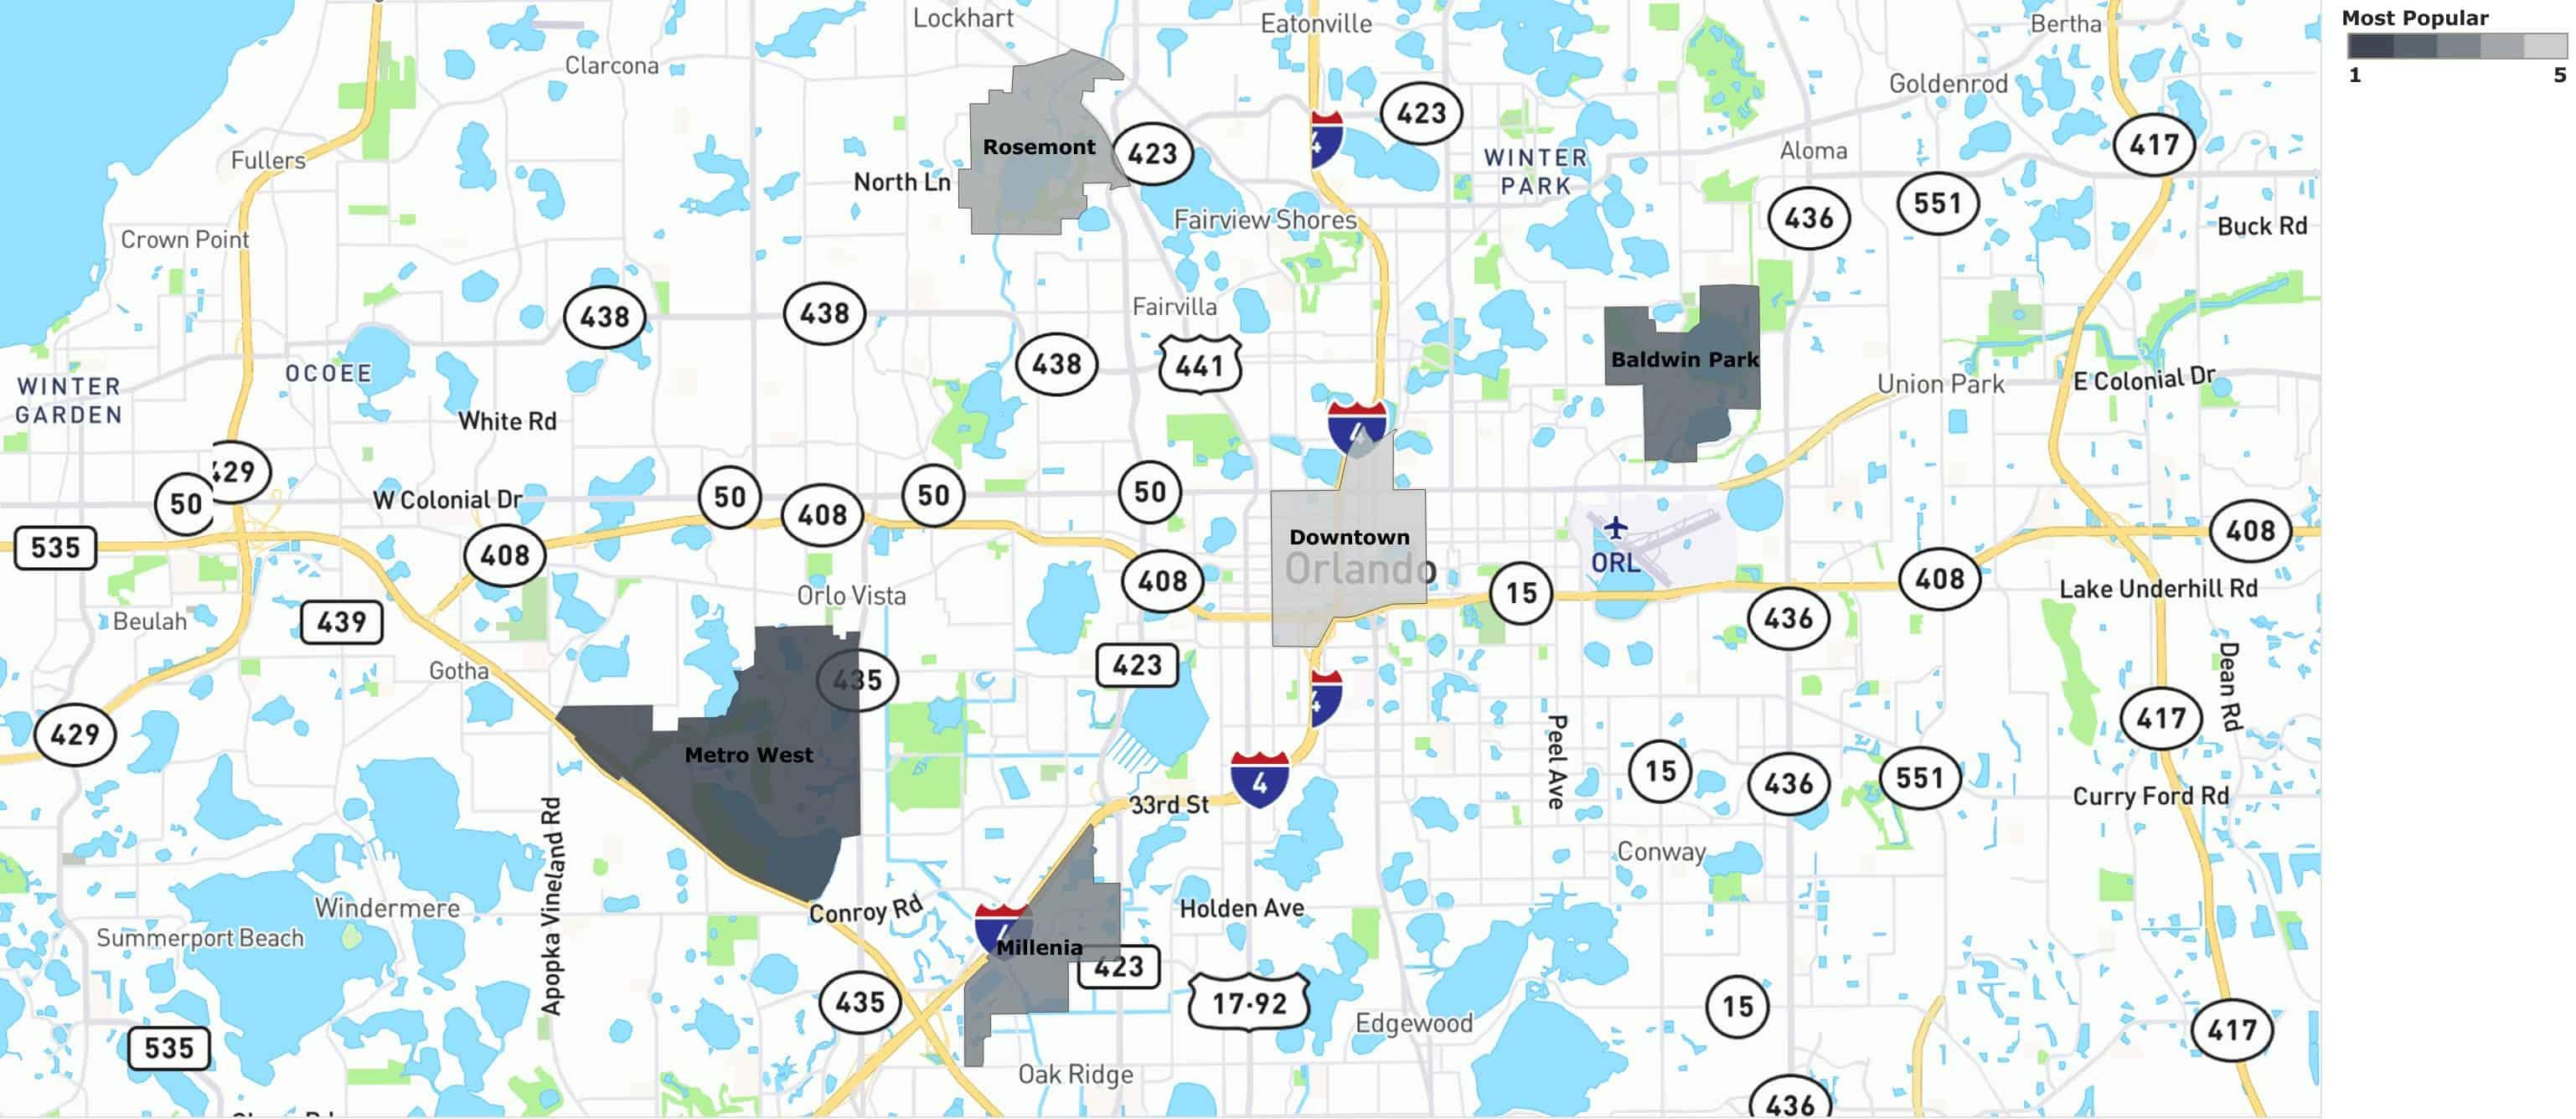 most popular neighborhoods in Orlando